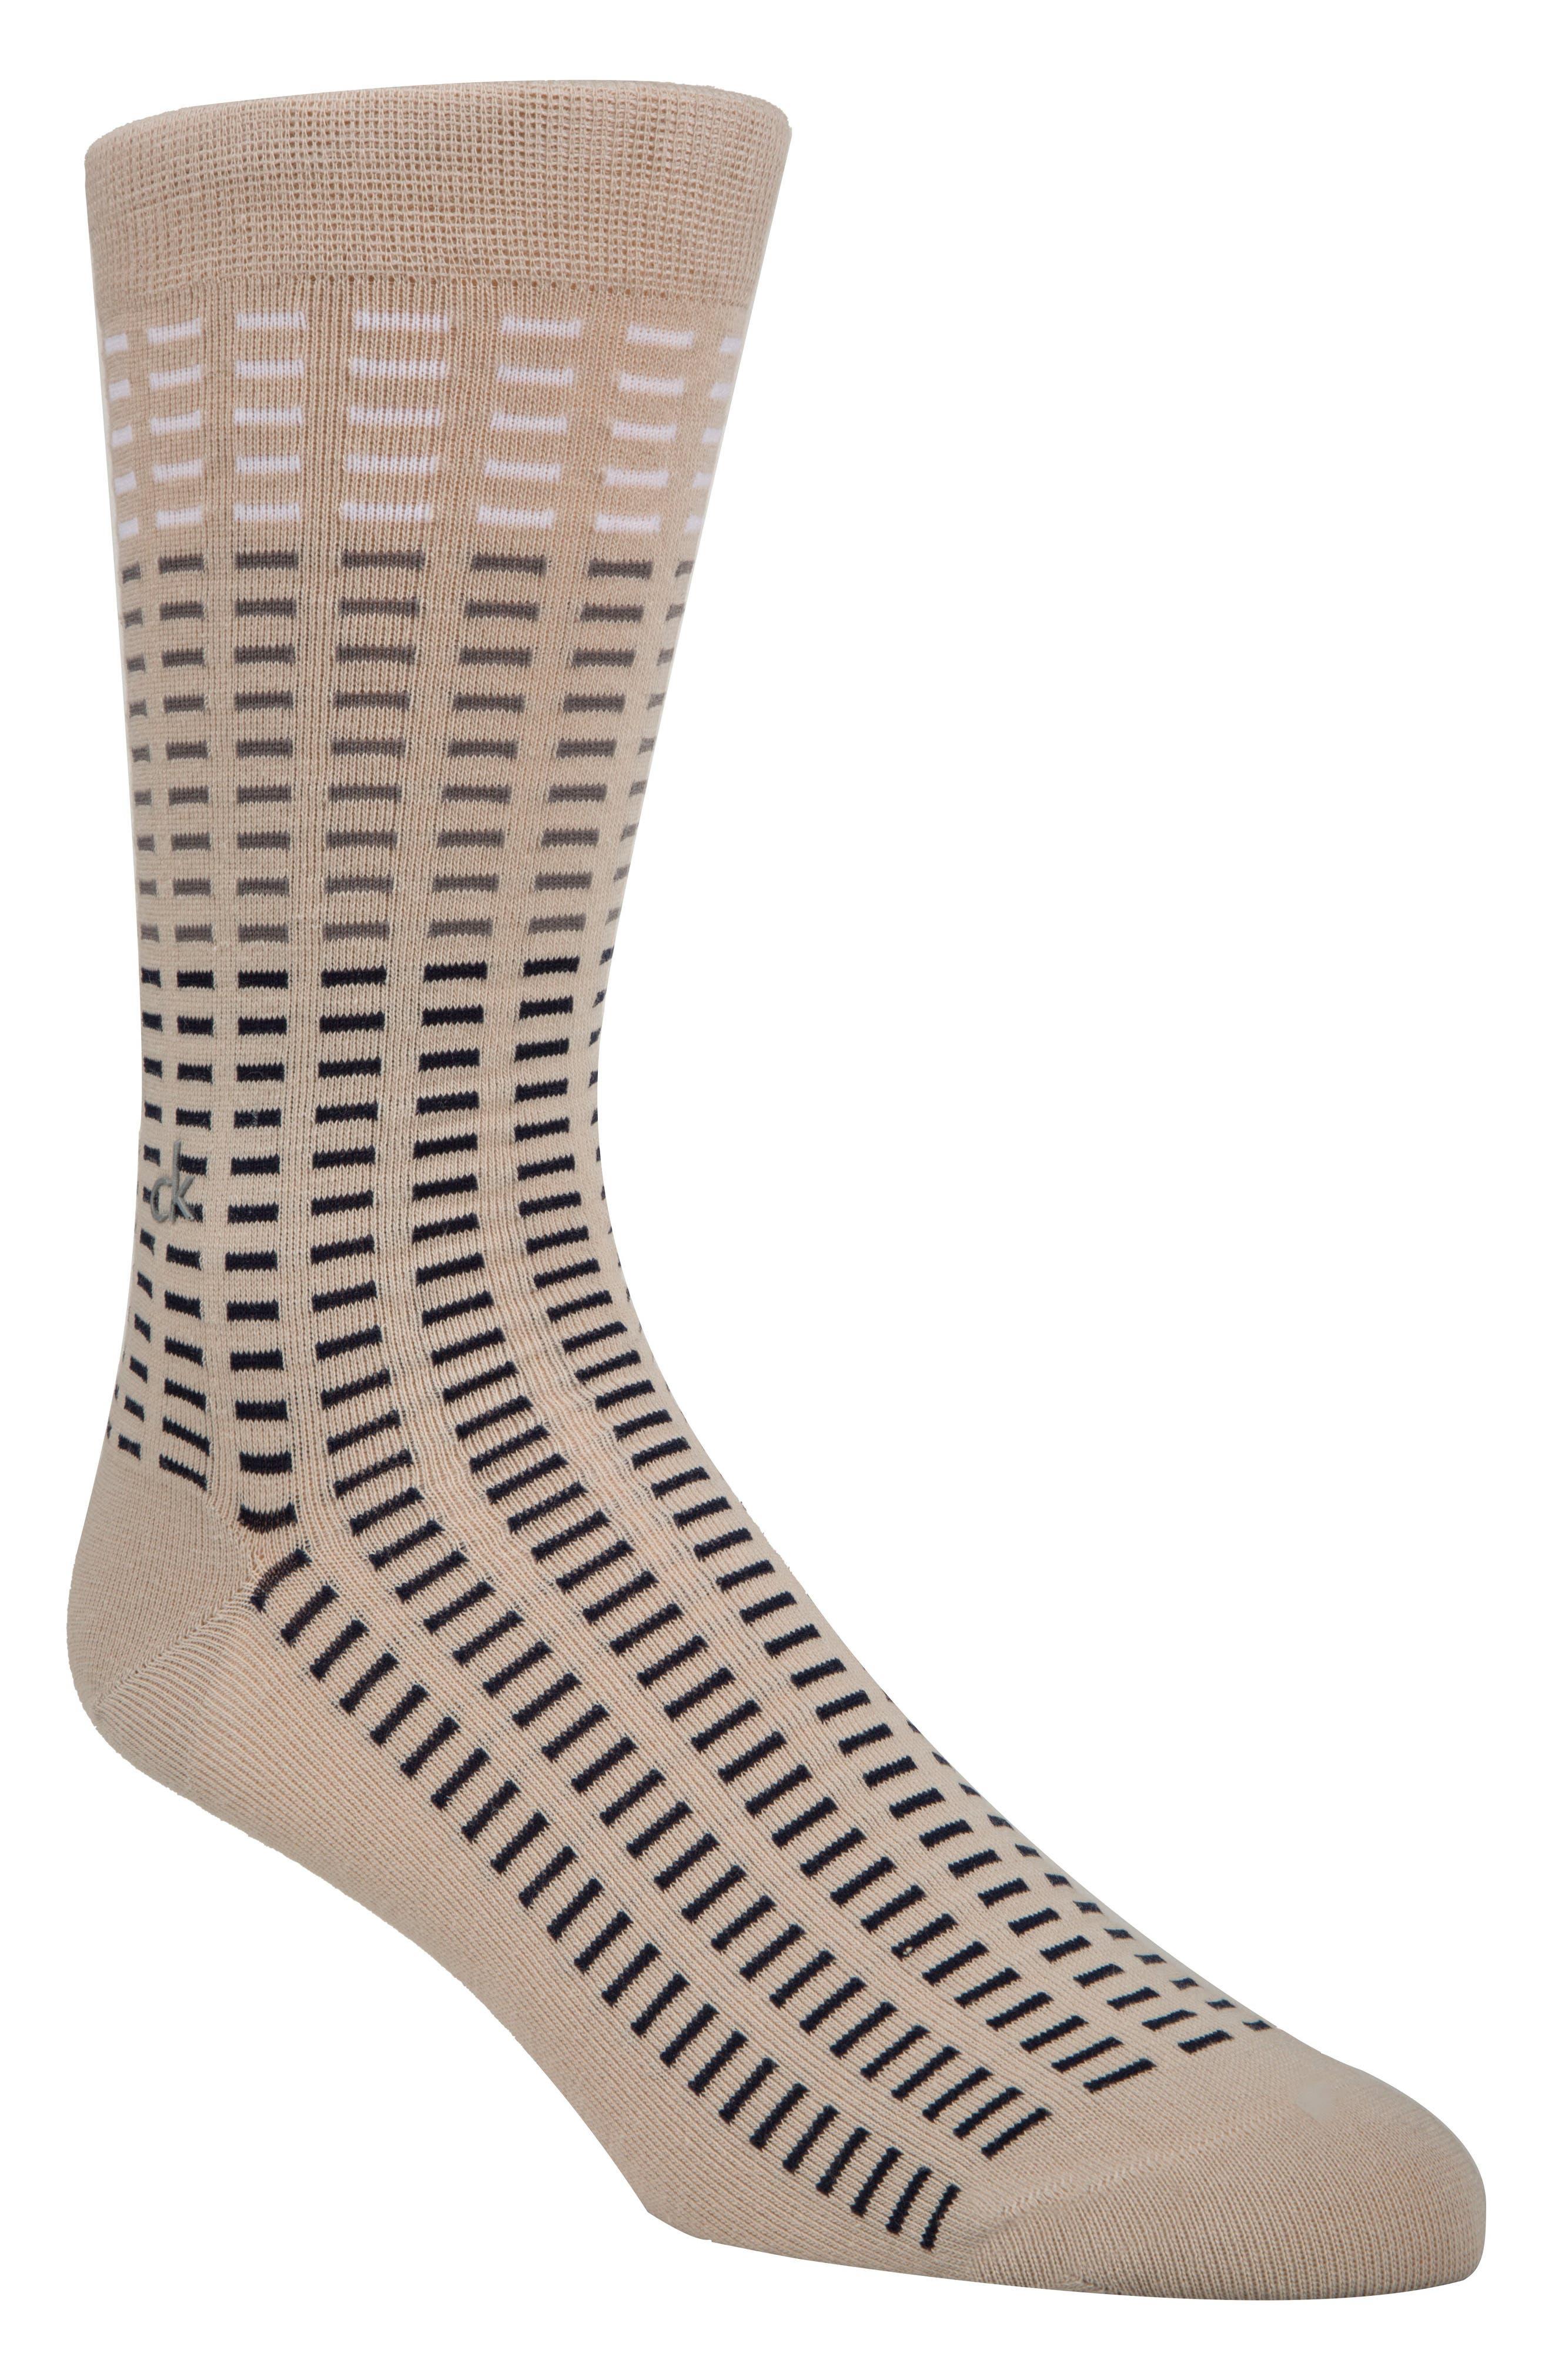 Tile Socks,                             Main thumbnail 1, color,                             Chateau Grey